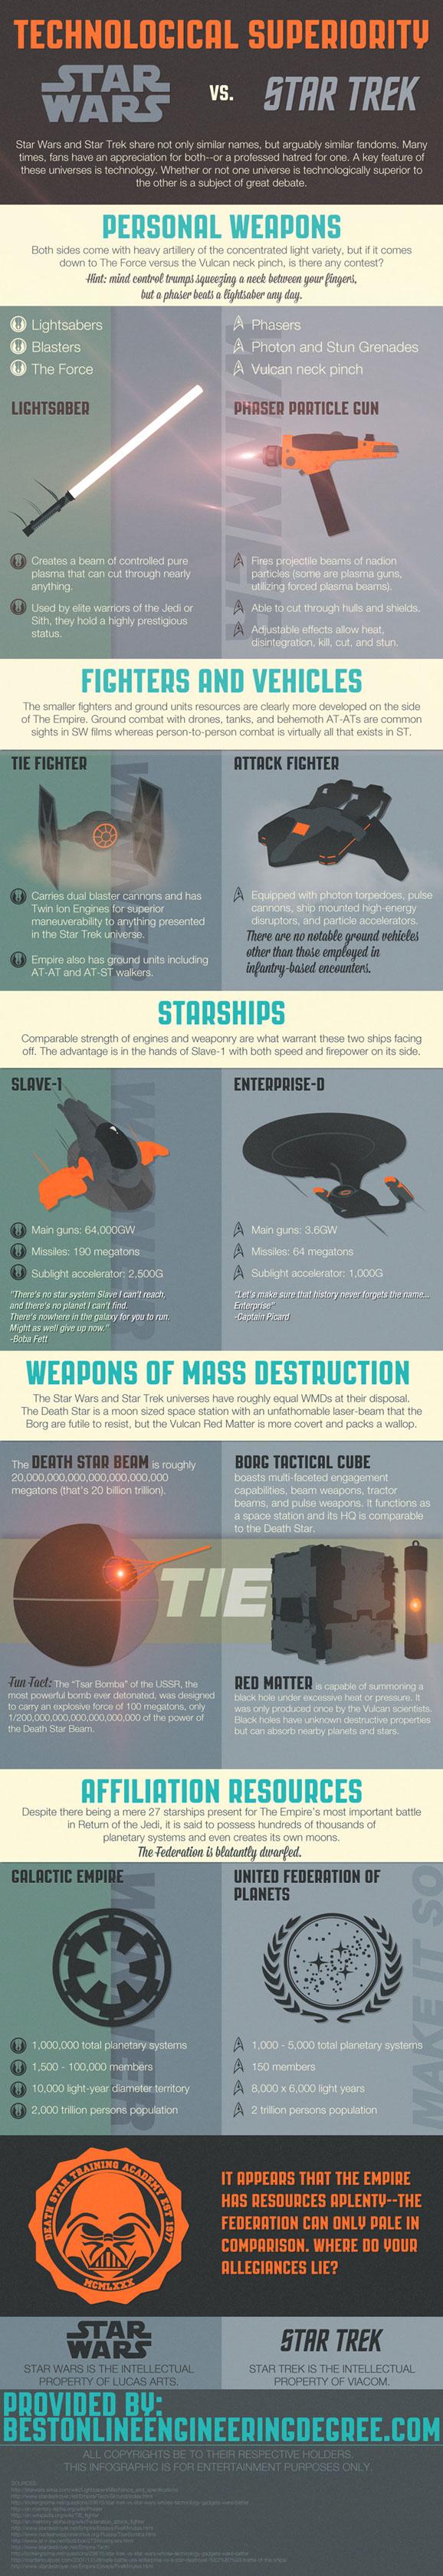 Star-Wars-Vs-Star-Trek-infographic